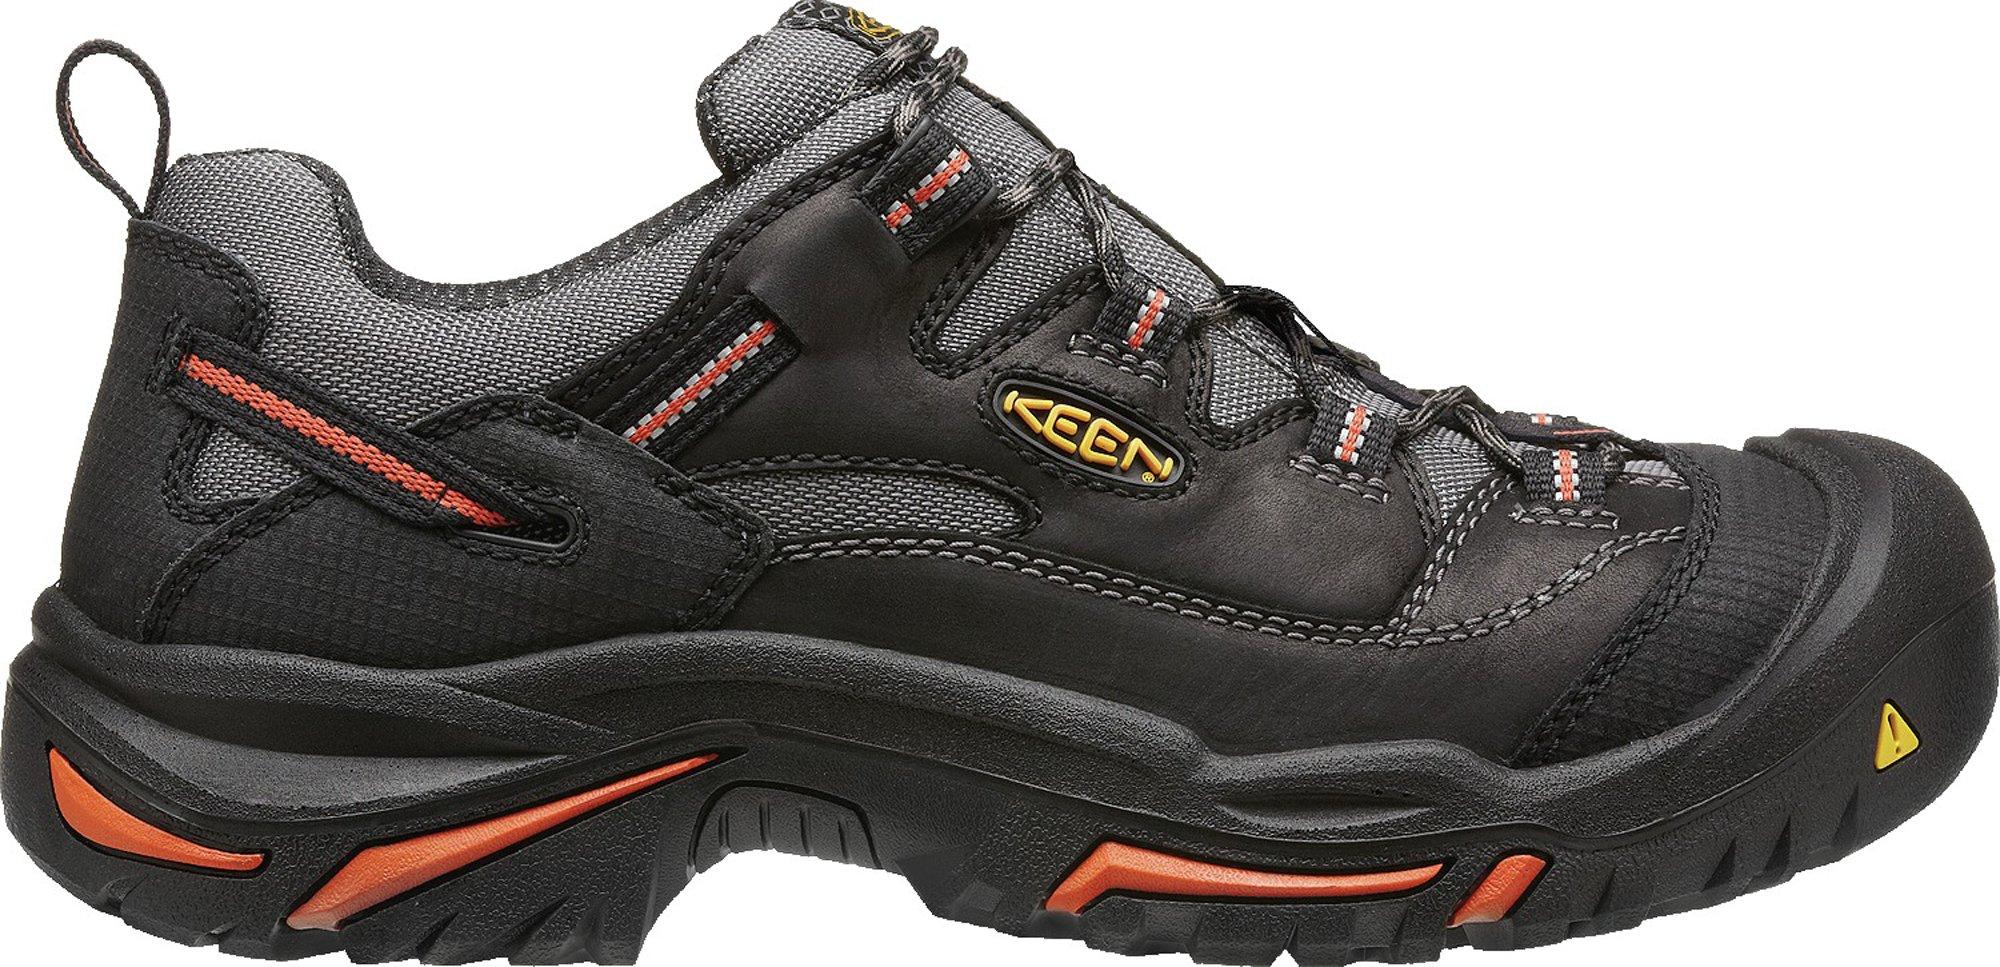 KEEN Utility Men's Braddock Low Steel-Toed Boot,Black/Bossa Nova,10.5 D US